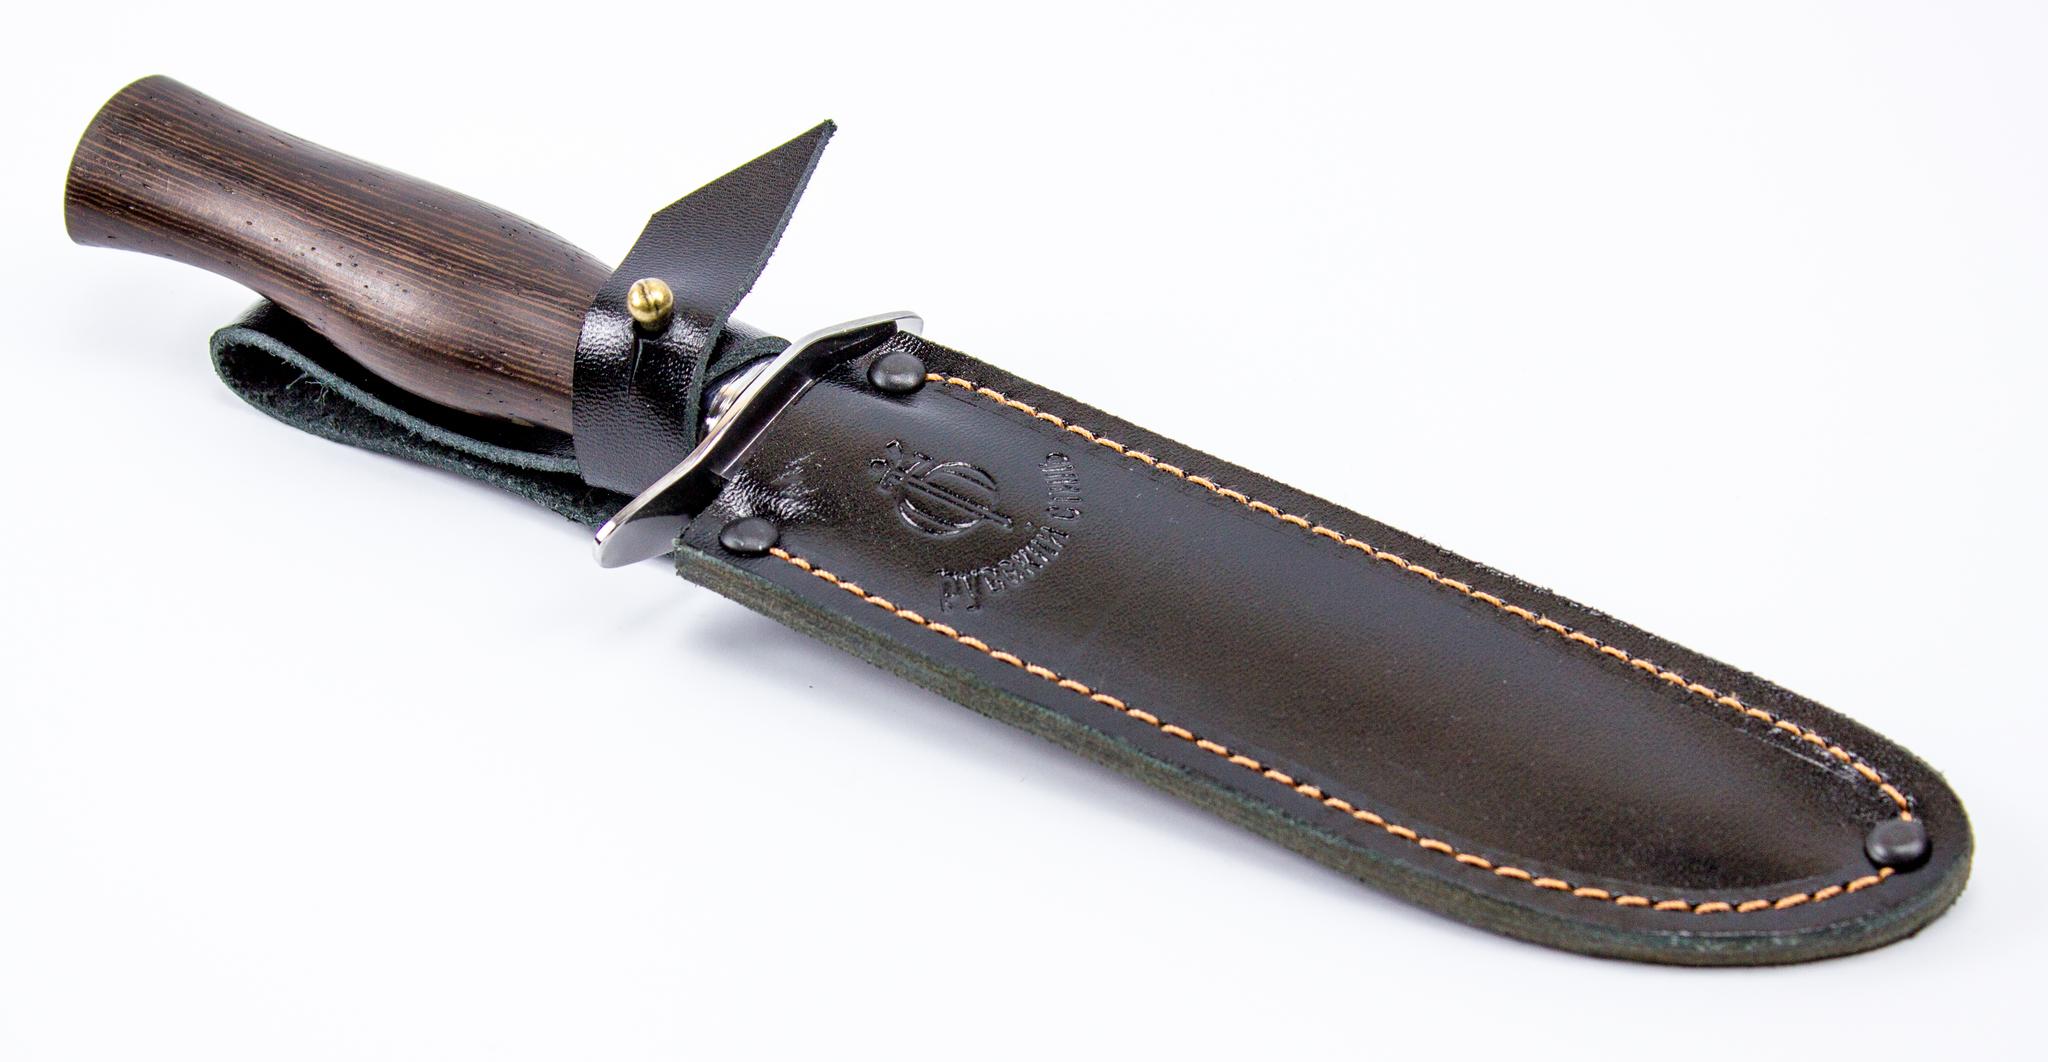 Фото 3 - Нож разведчика НР-40, 65Г, венге от Фабрика Баринова